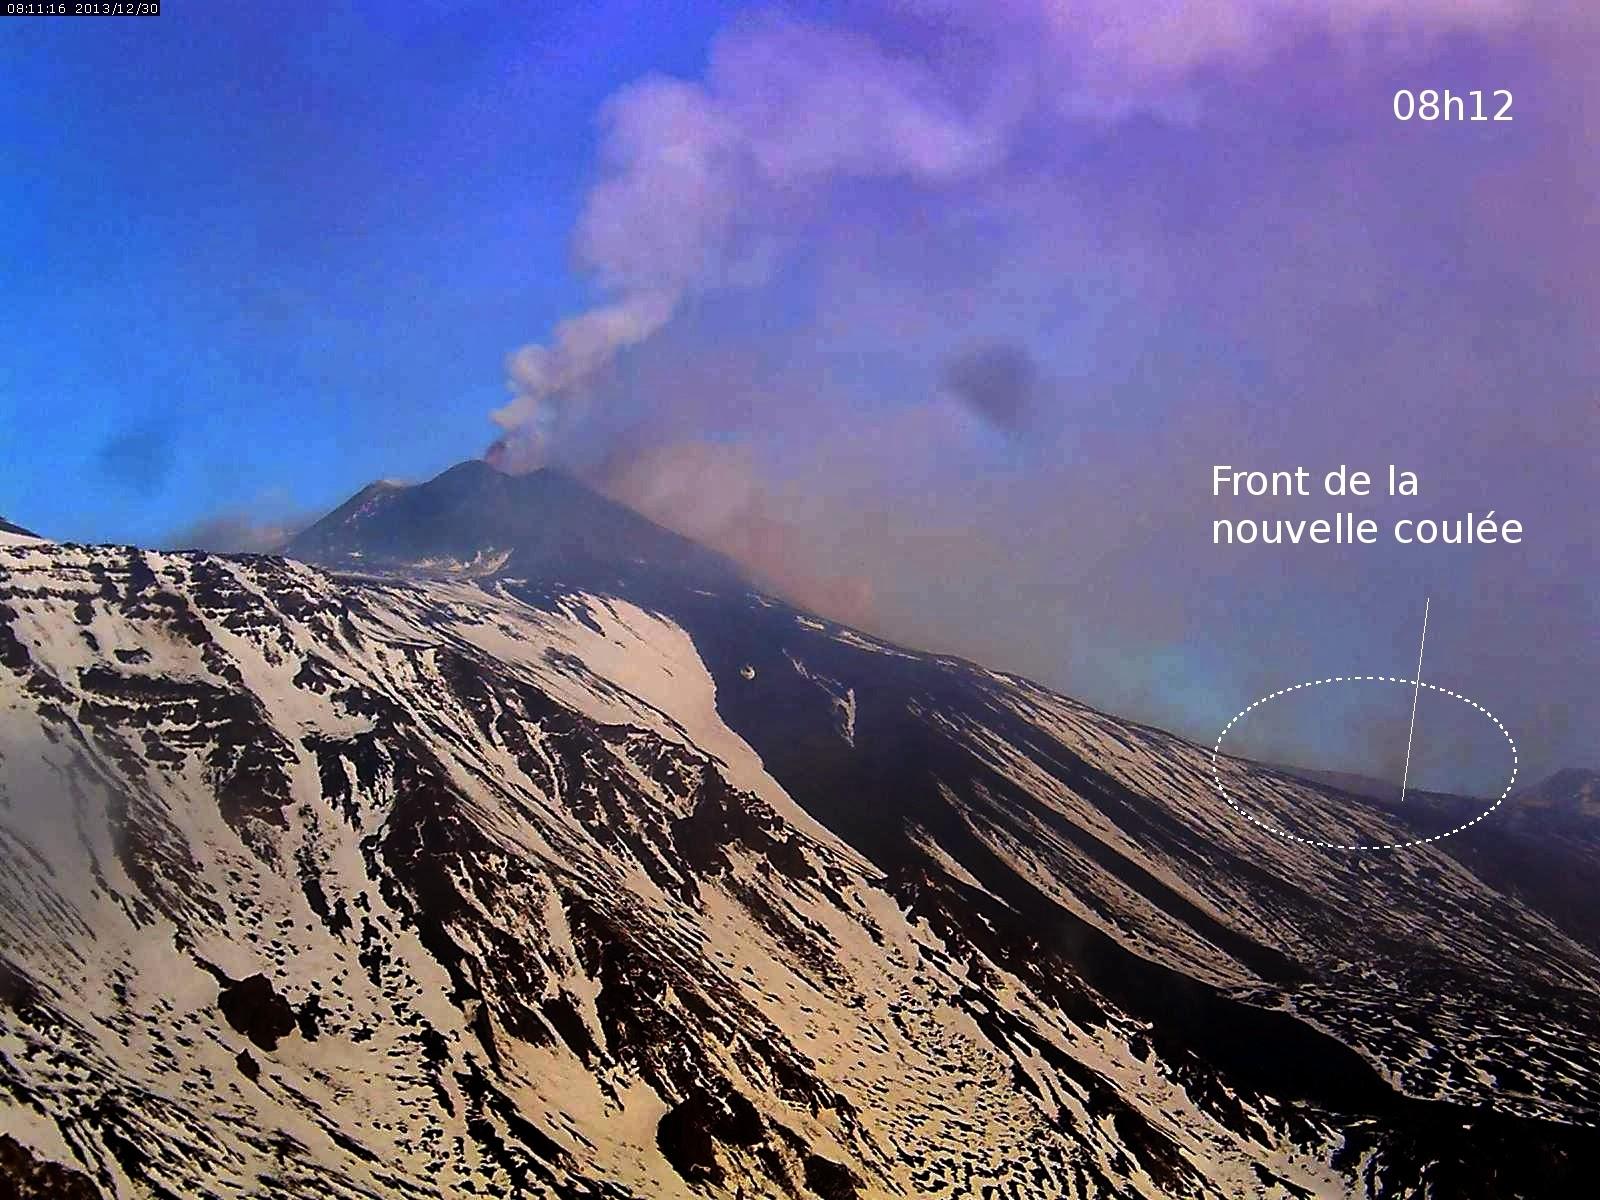 Coulée de lave sur l'Etna, 30 decembre 2013